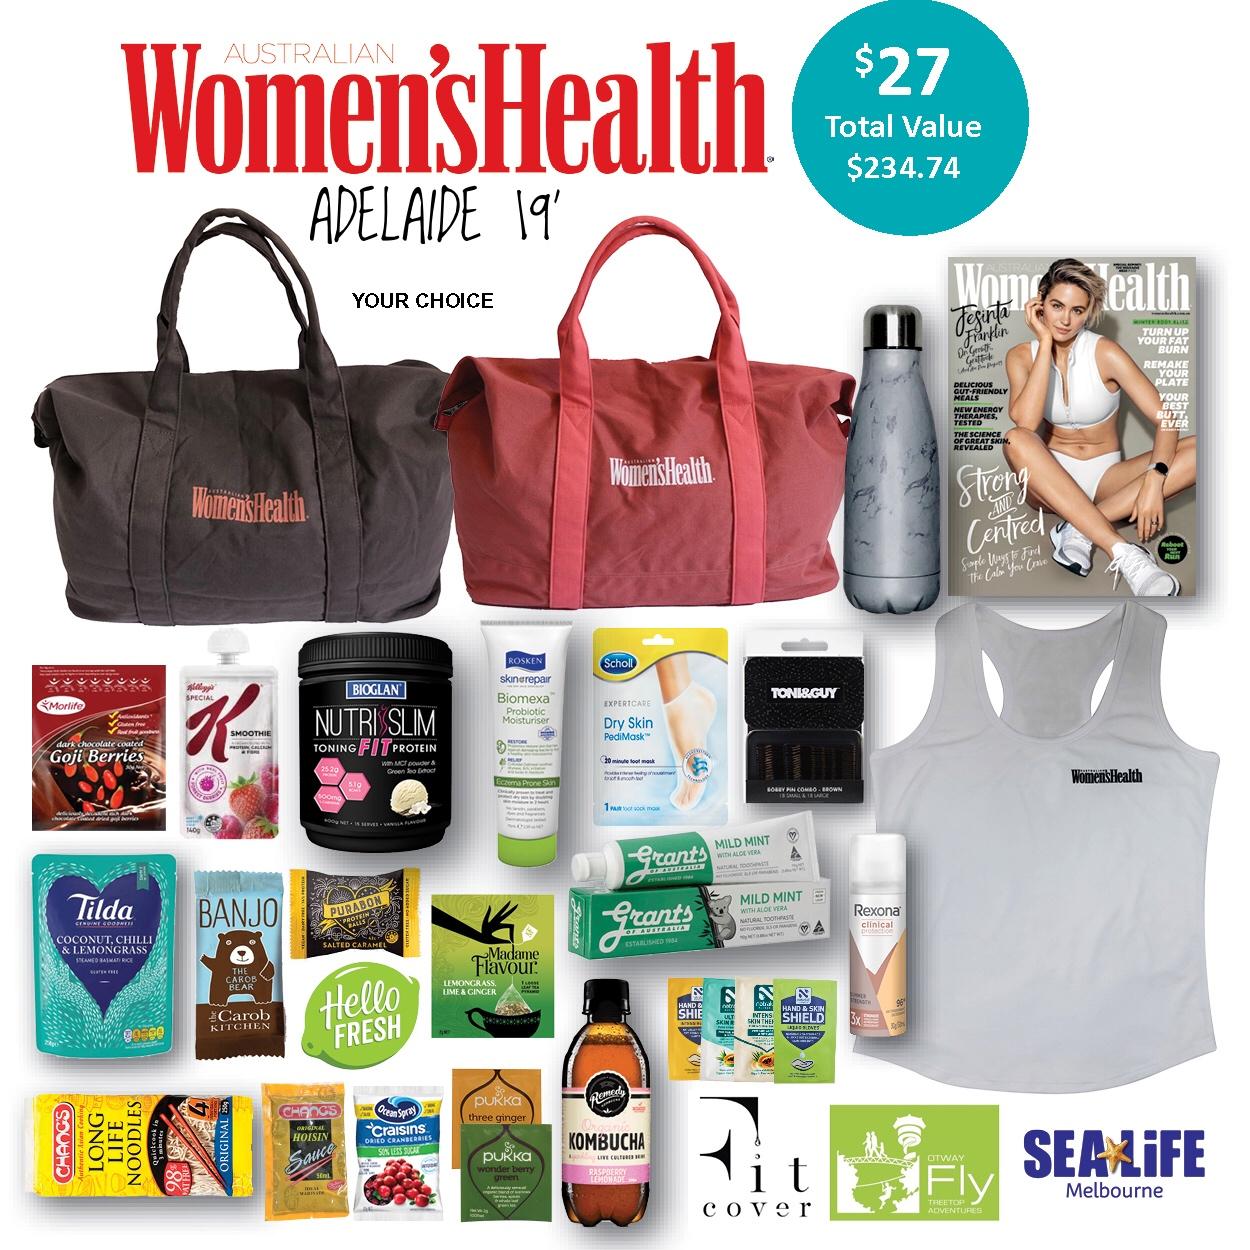 Women's Health - Adelaide 19'